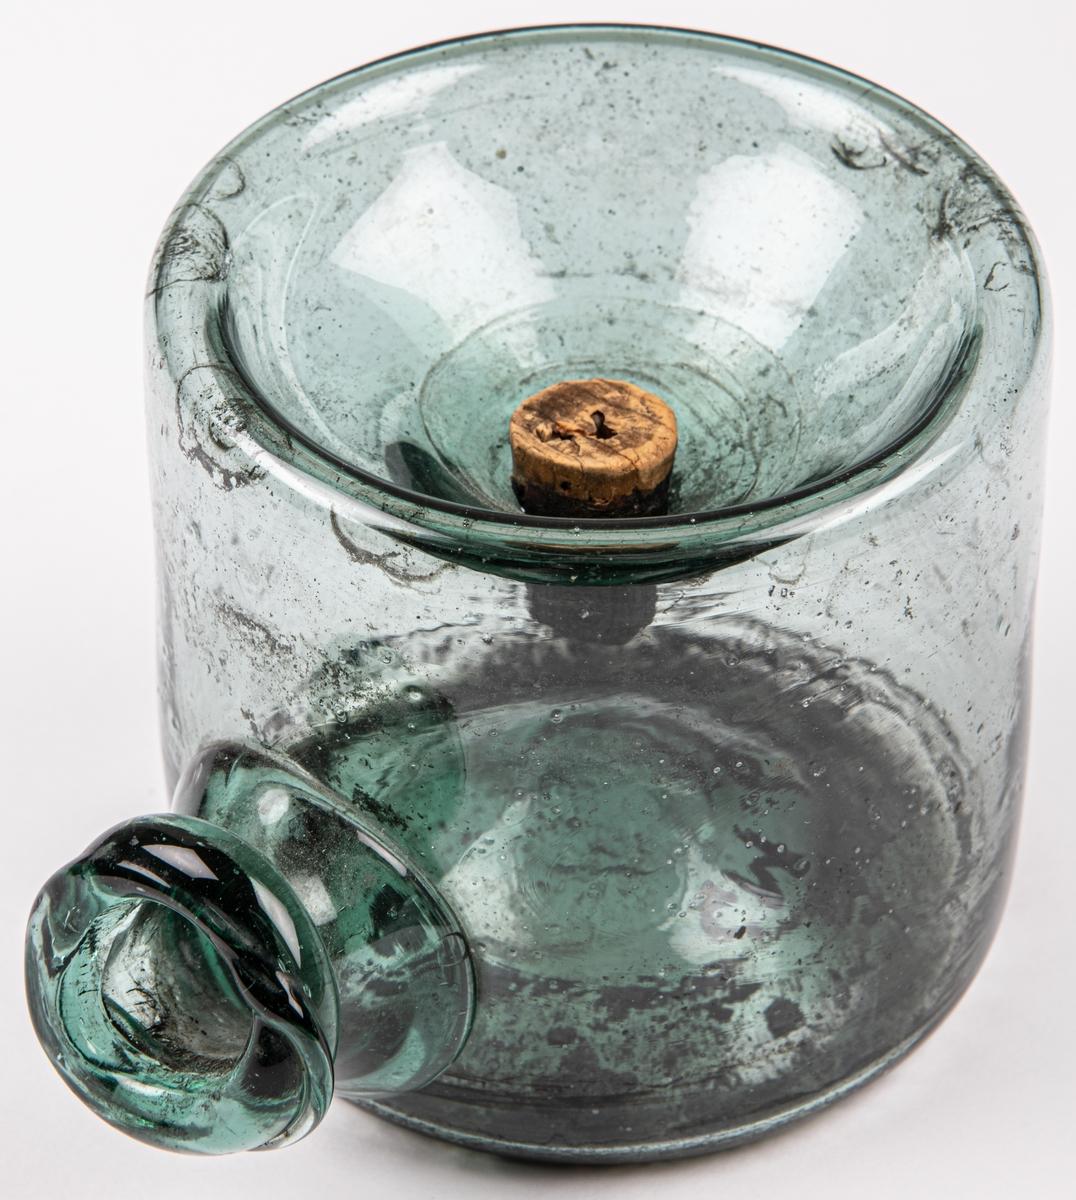 Bläckhorn av glas, grönt, runt med öppen pip åt ena sidan. Liten kork i hål i fördjupning ovanpå.